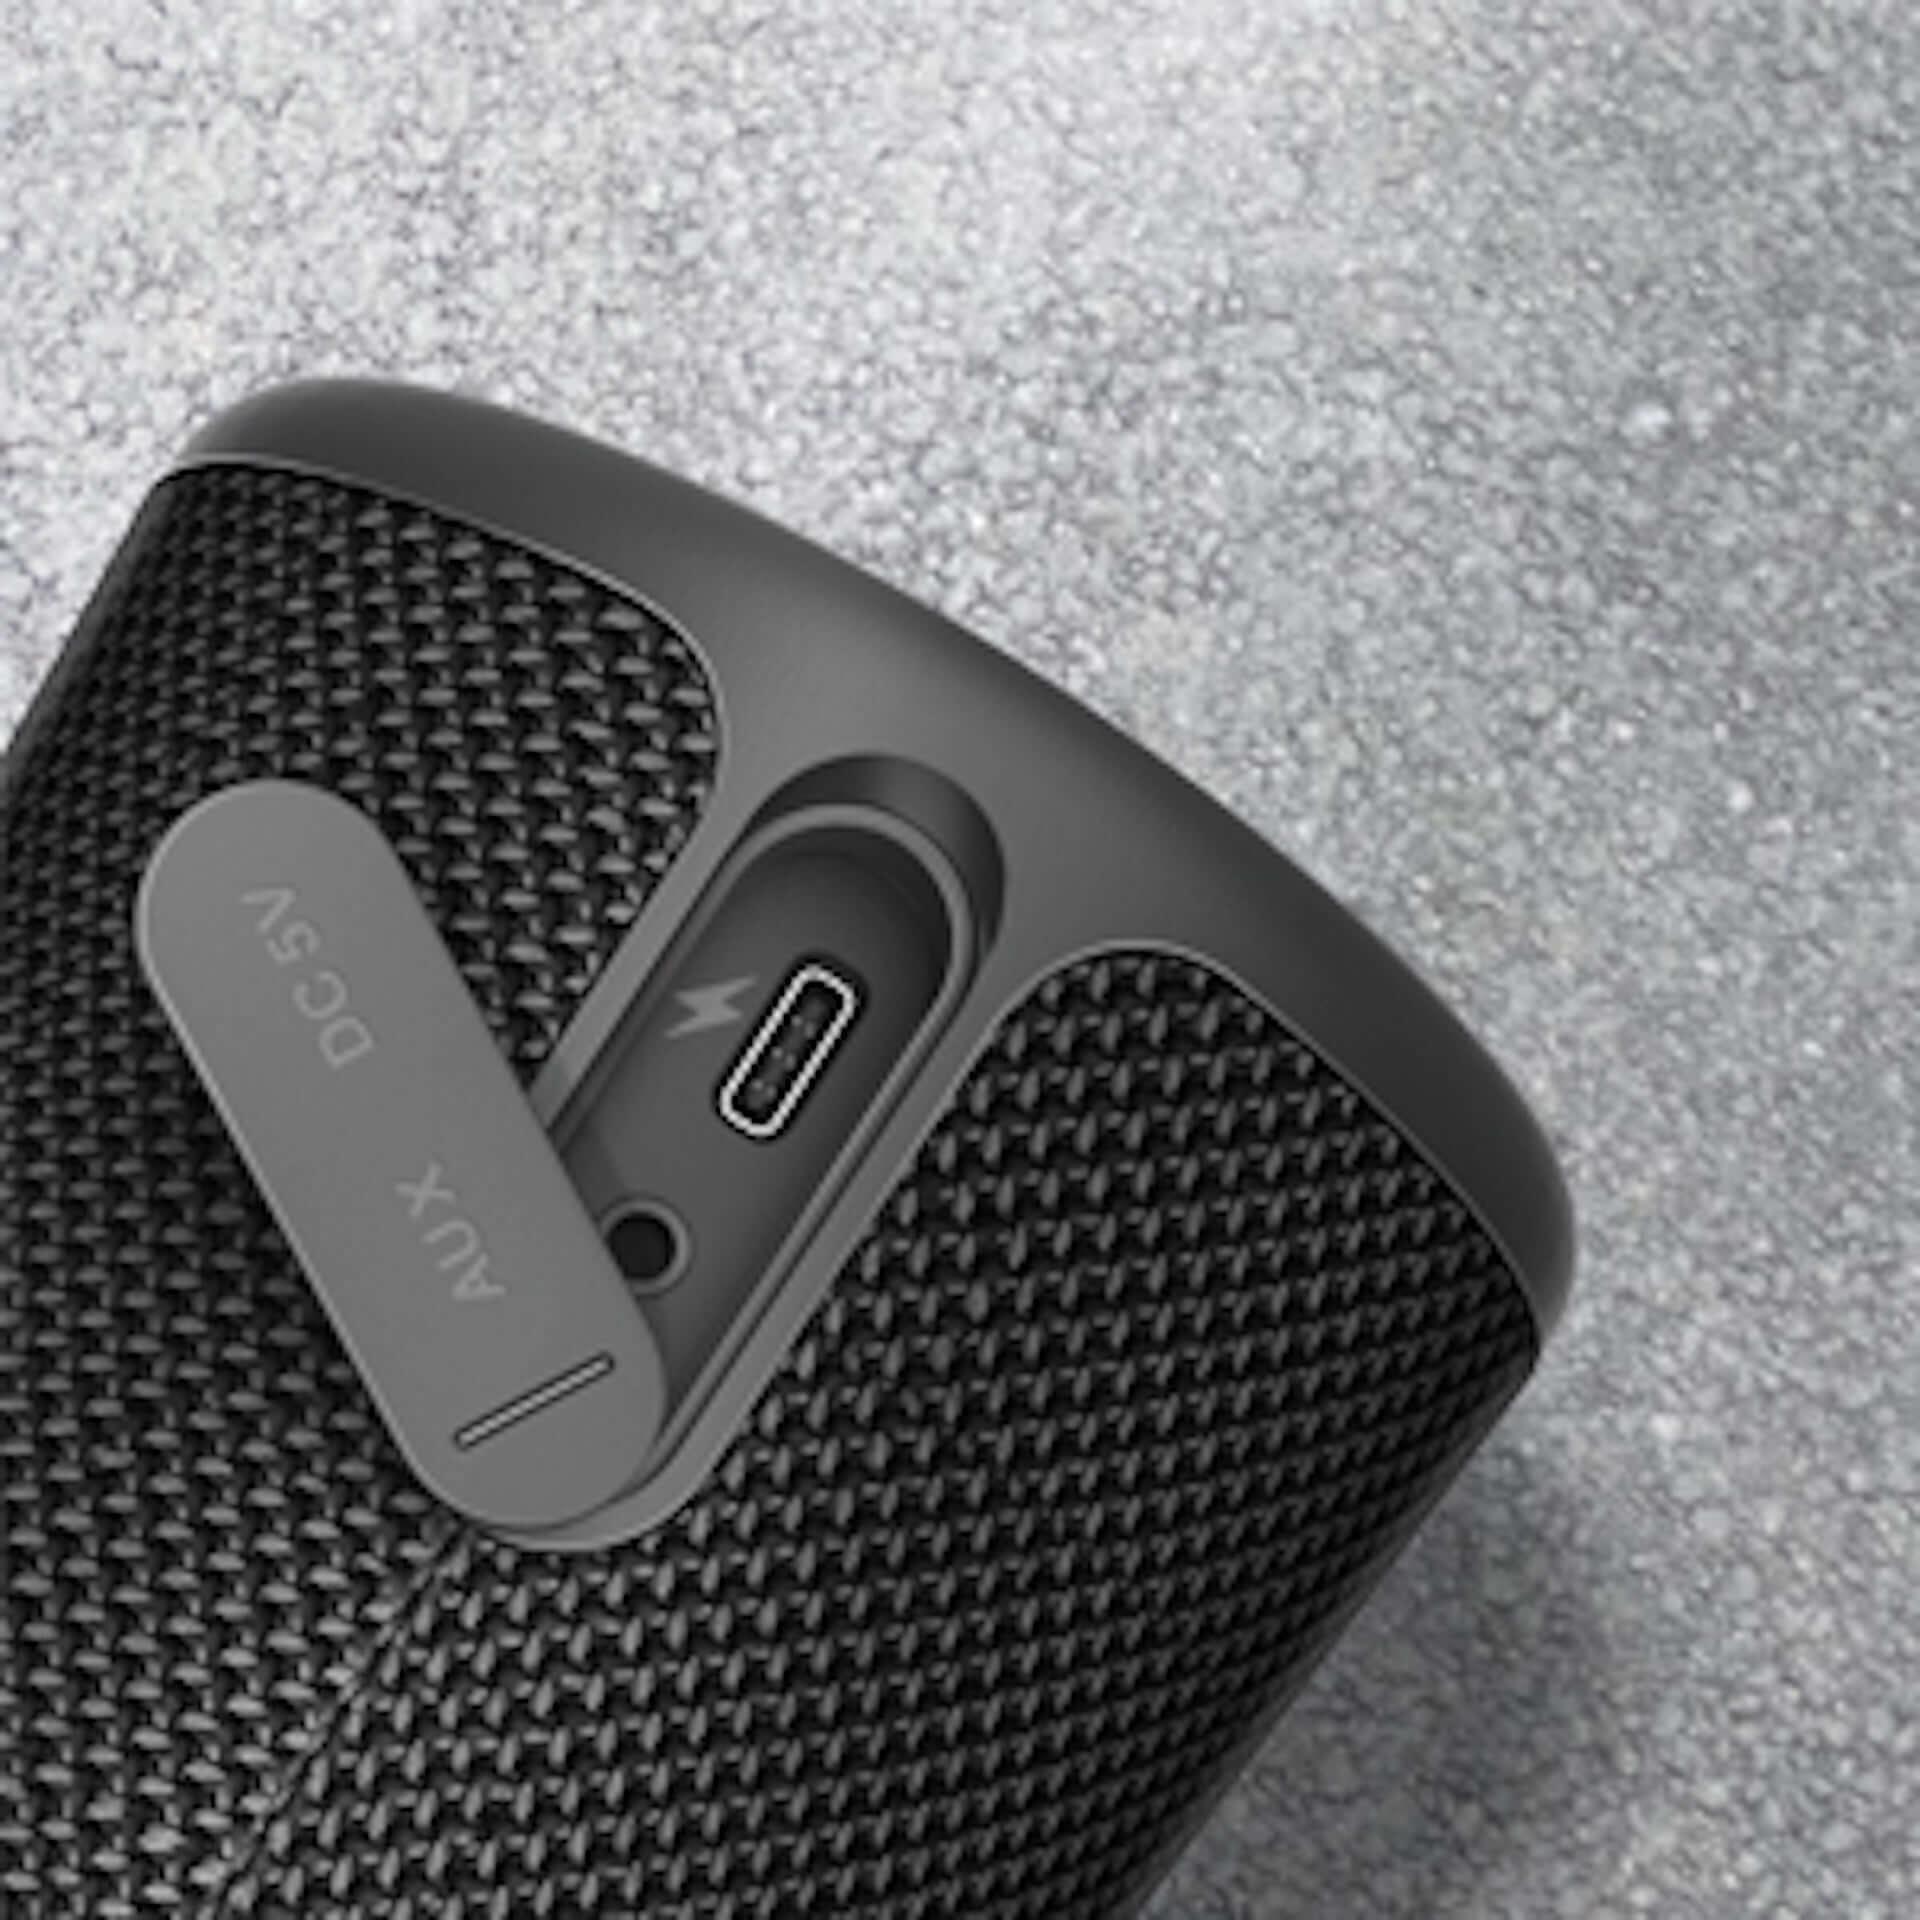 どんな水でも大丈夫、360°方向に迫力ある低音を!Earfun UBOOM Bluetooth5.0 ワイヤレススピーカーが登場 technology190719eaefun-bluetooth_6-1920x1920